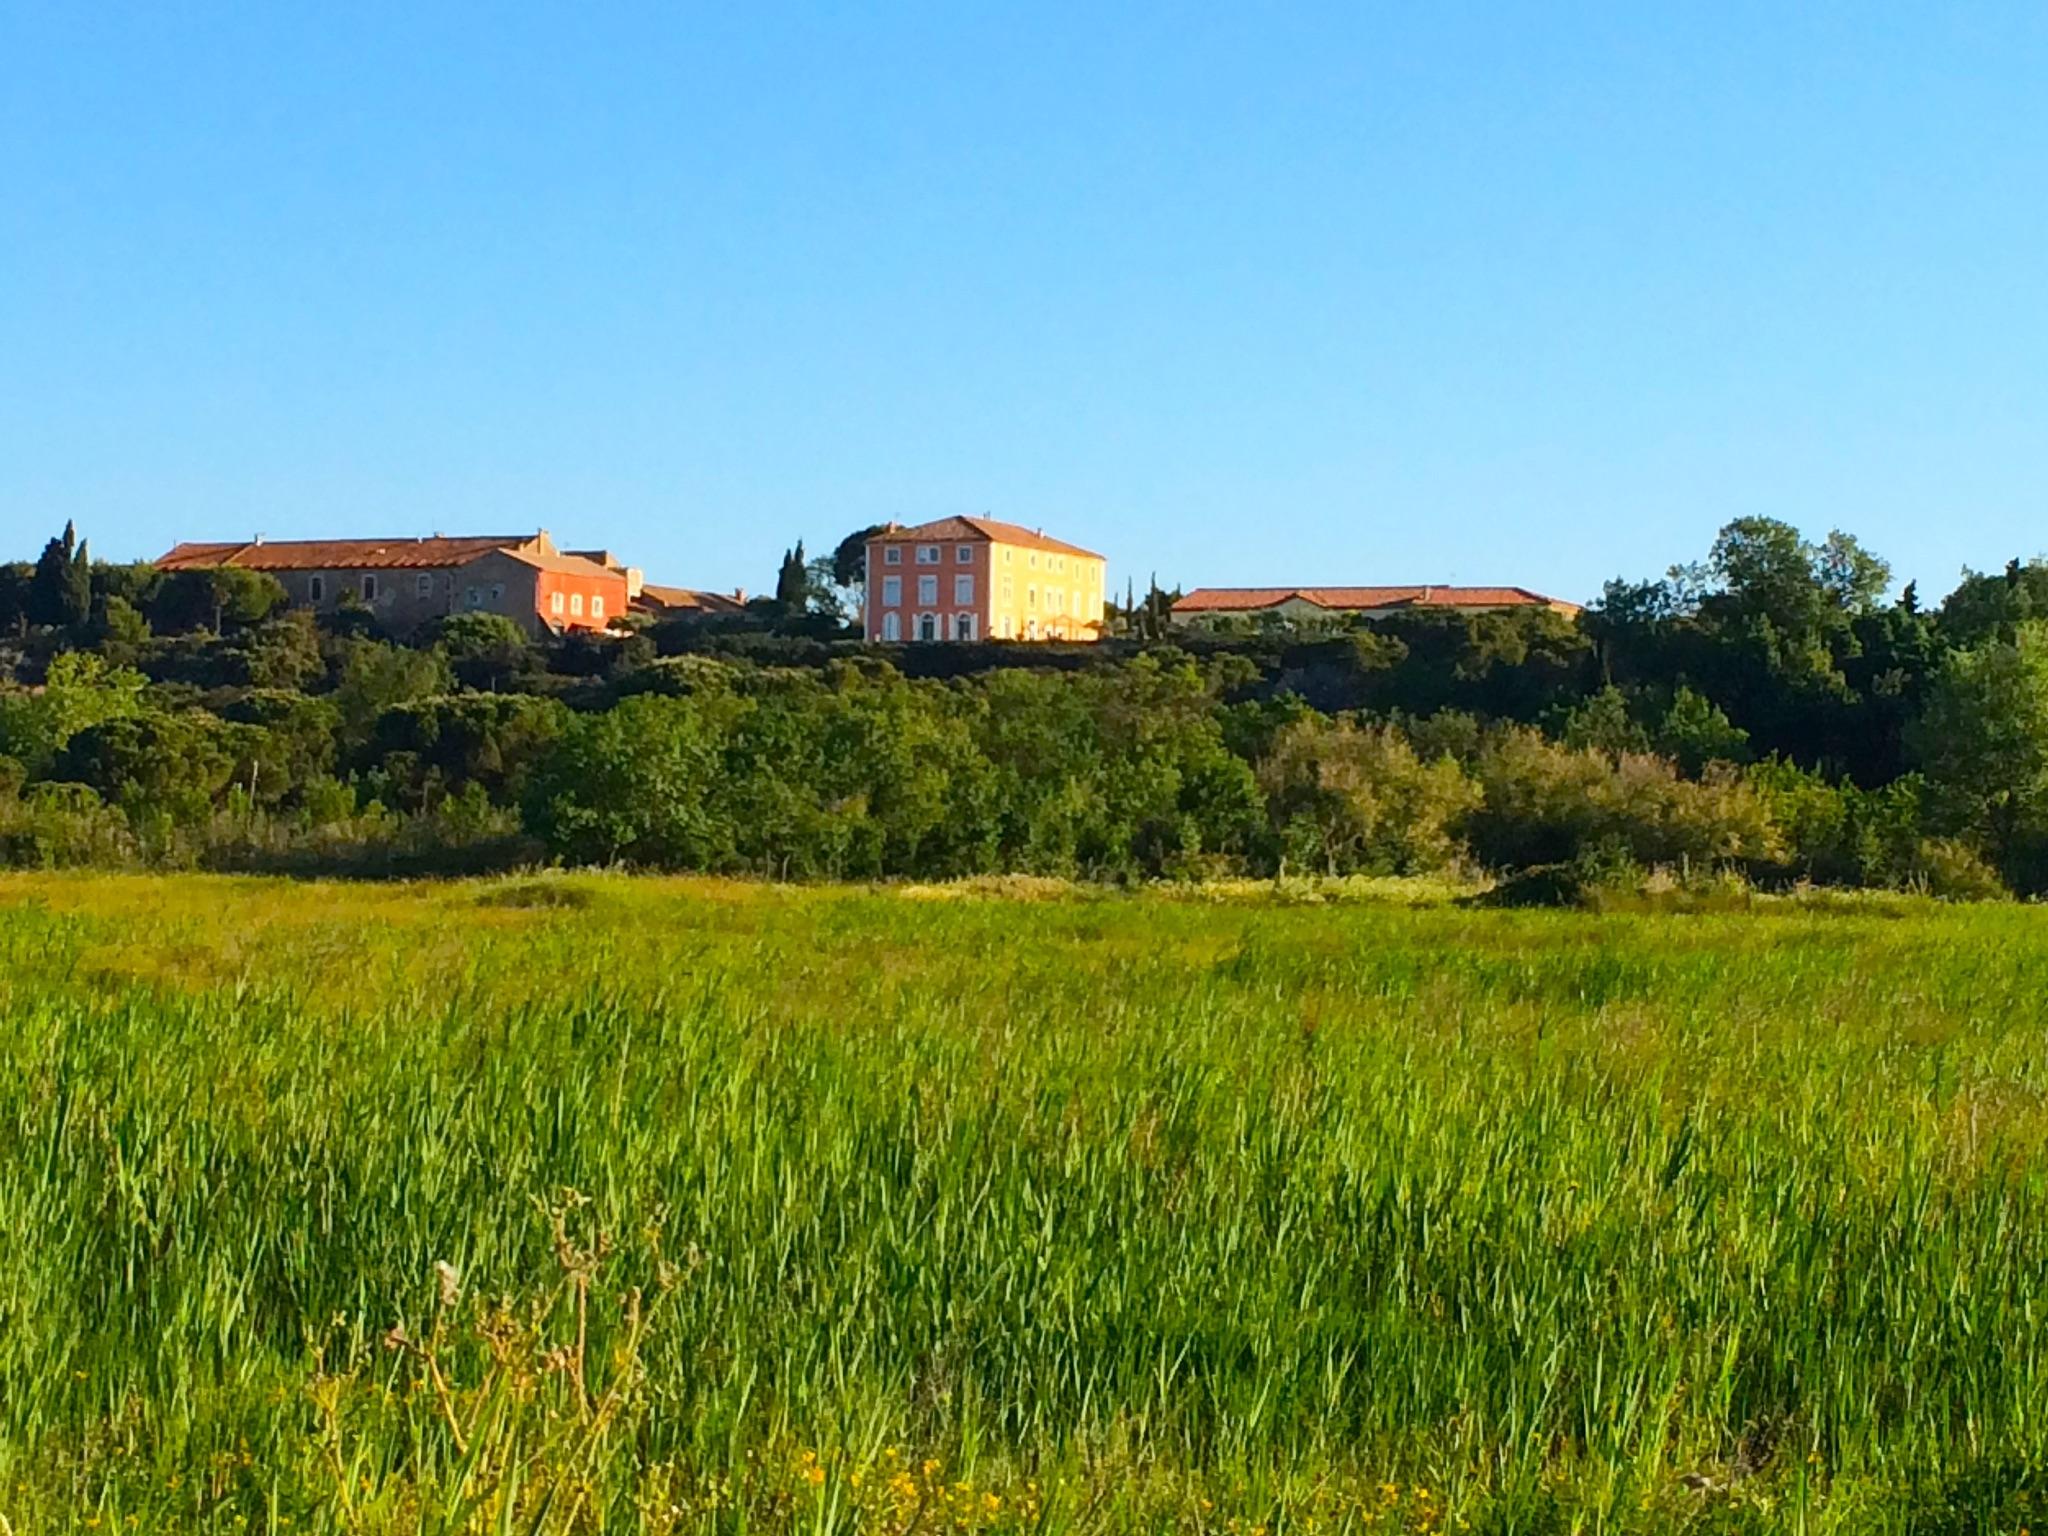 Ferienhaus Charaktervolles Haus in Hérault mit Pool und Garten (2201003), Portiragnes, Mittelmeerküste Hérault, Languedoc-Roussillon, Frankreich, Bild 35